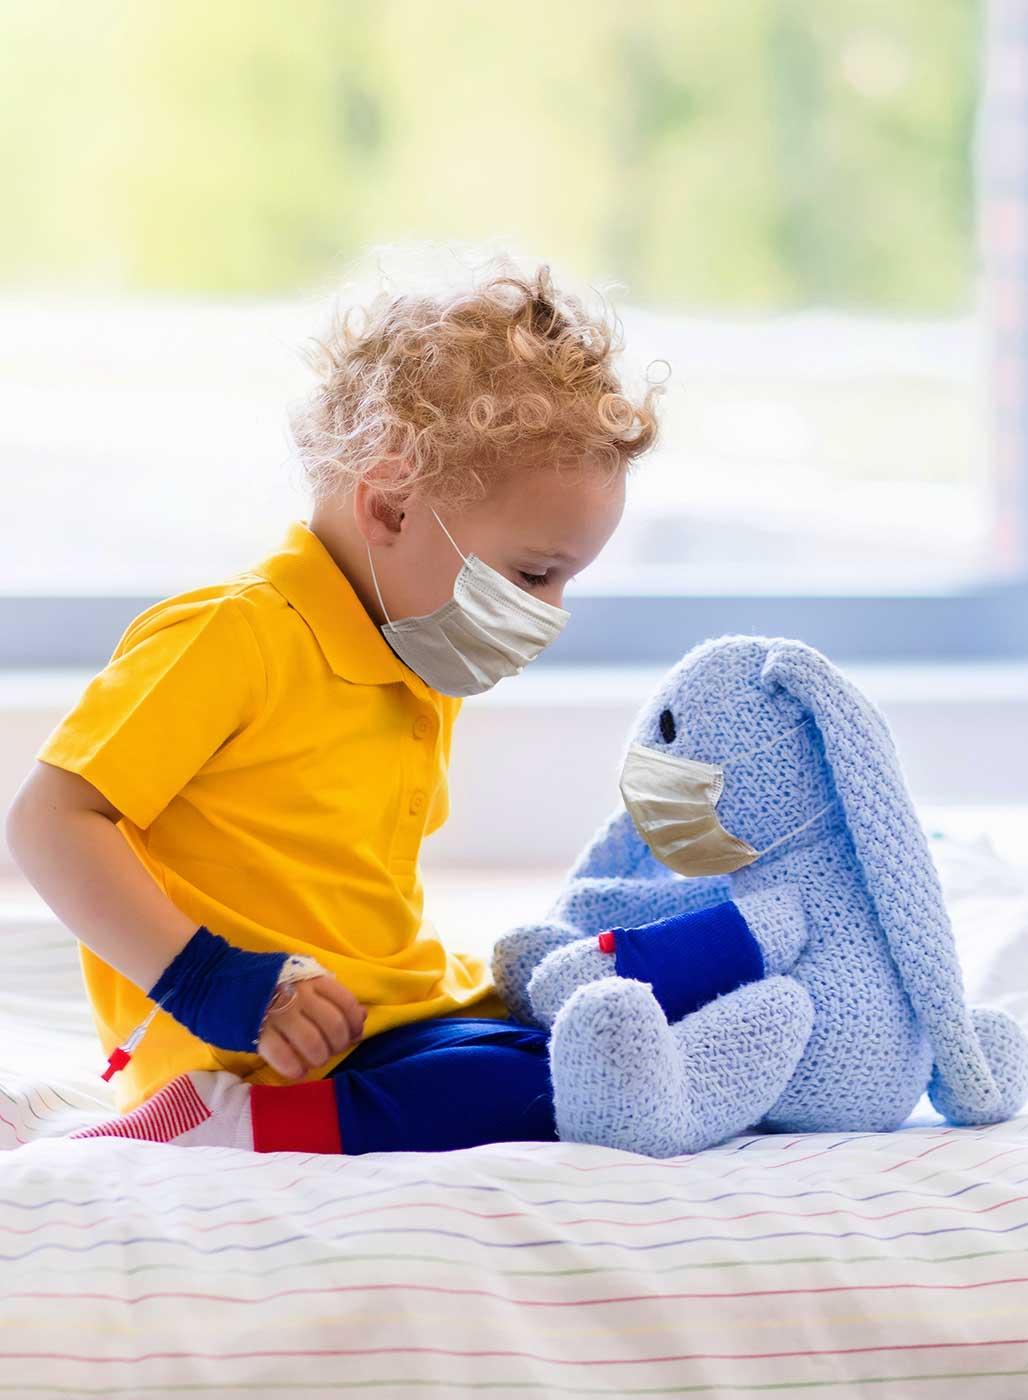 Kleiner Junge im Krankenbett mit Maske und Plüschhasen - Imagebild